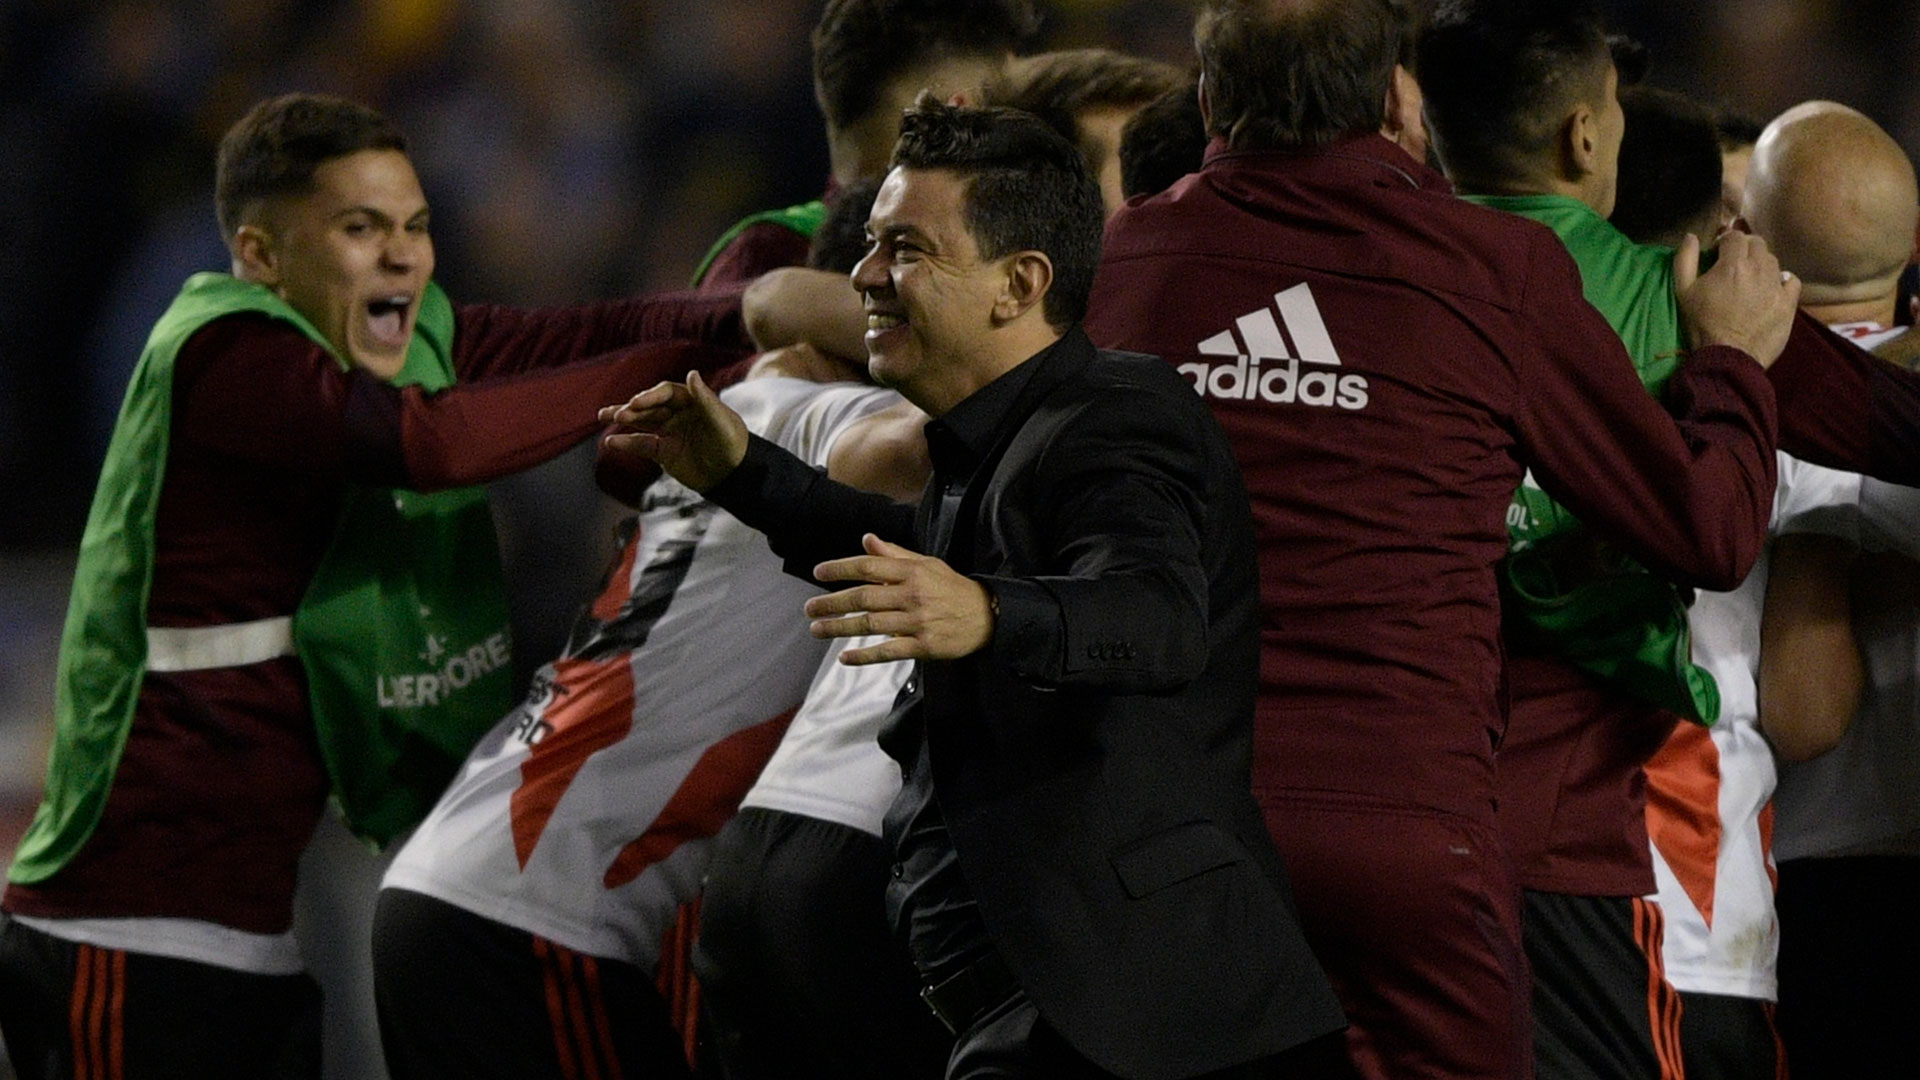 El único estadio en el que a Gallardo le faltaba eliminar a Boca era La Bombonera